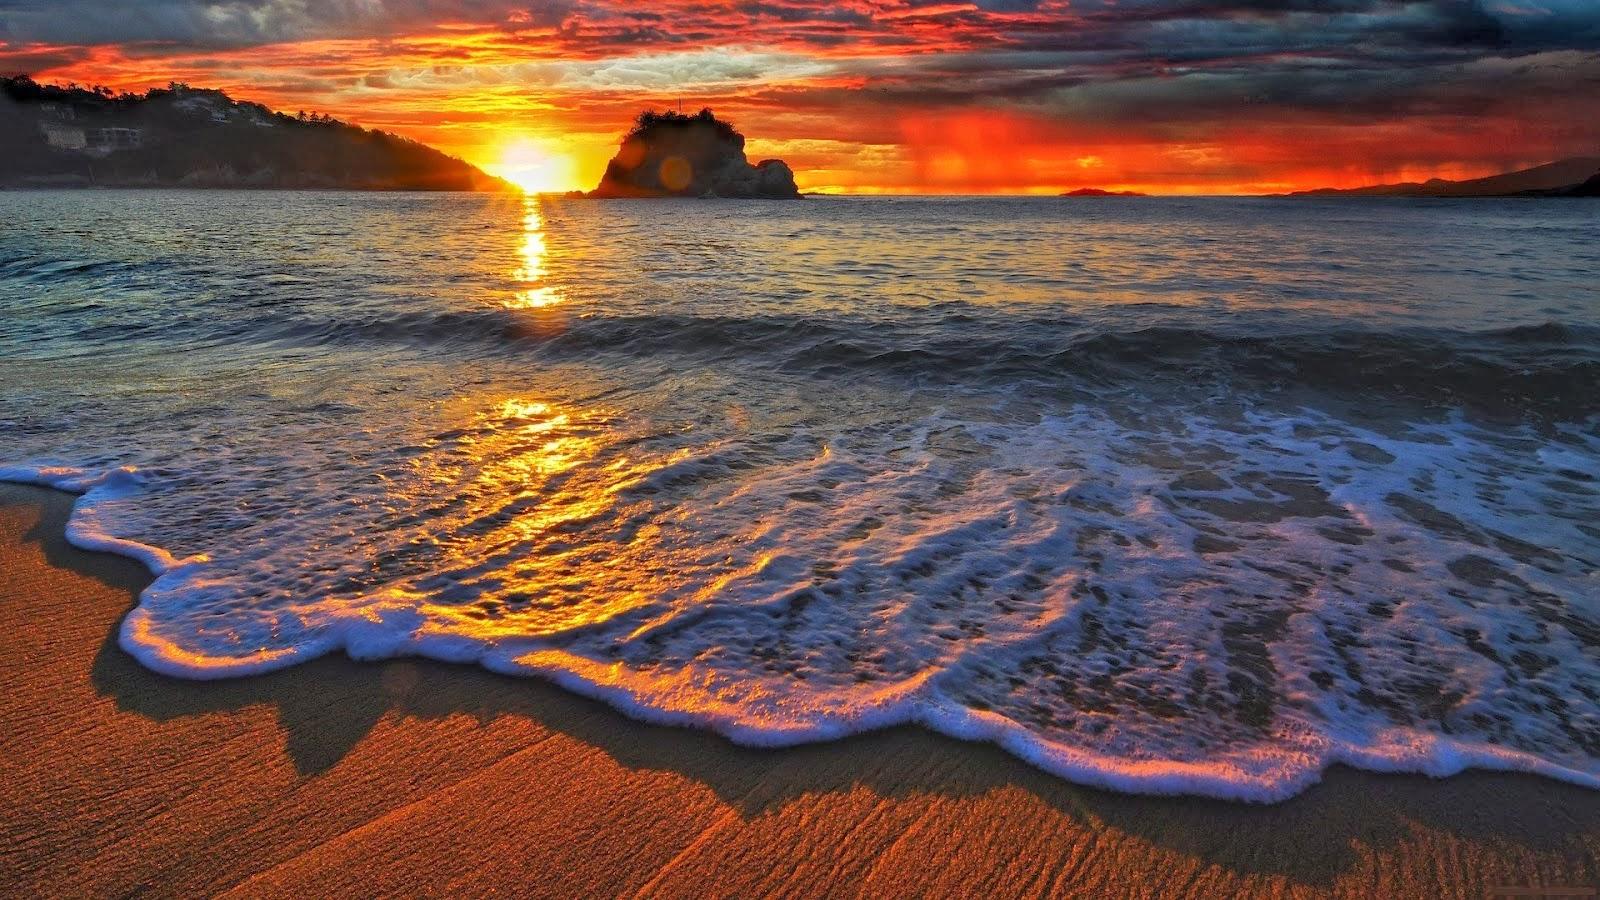 معارض أجمل الخلفيات بالعالم Hd Wallpapers خلفية سطح المكتب عالية الدقة على شاطئ البحر وغروب الشمس طبيعية